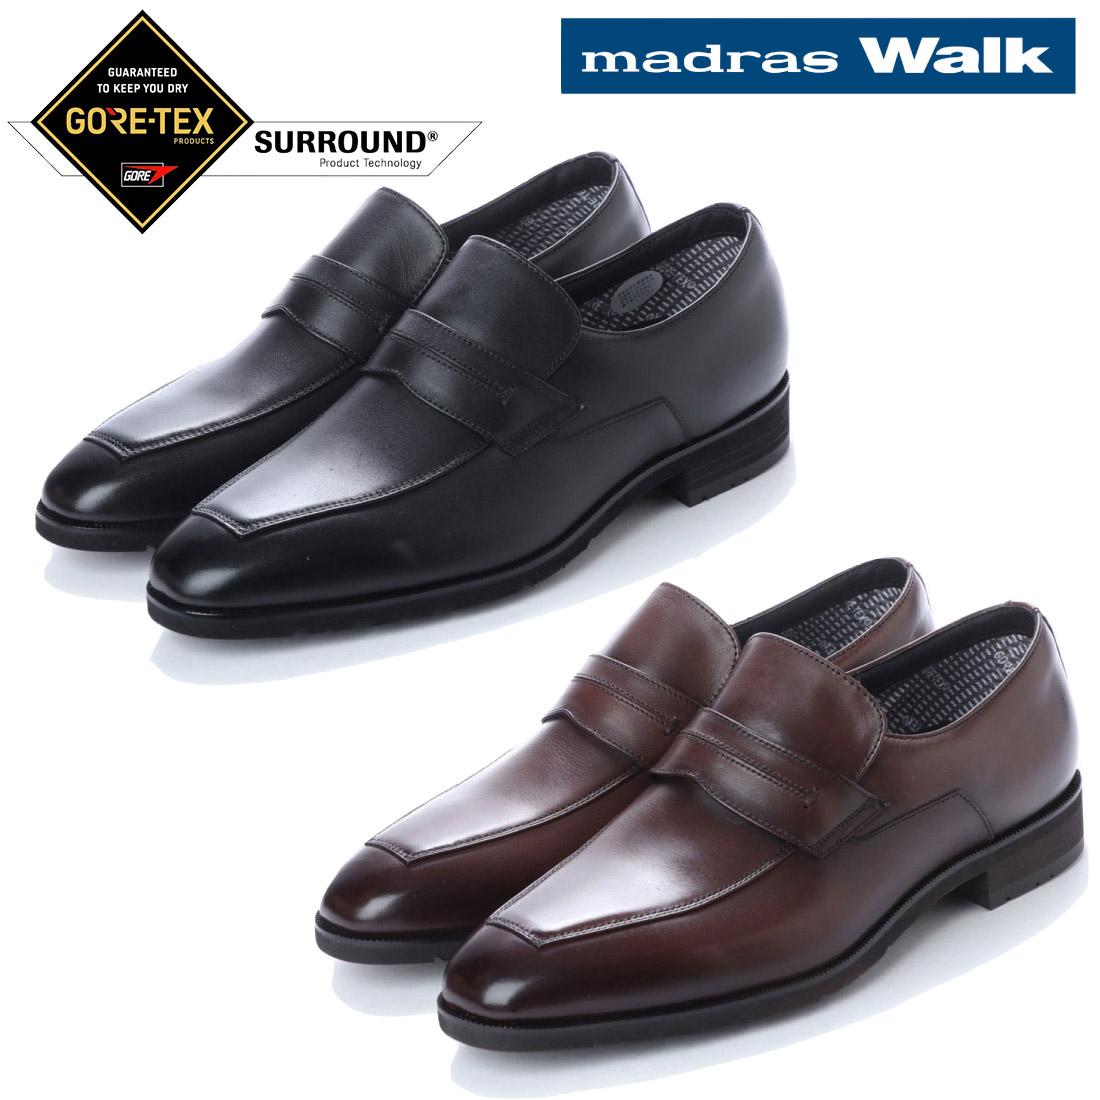 madras Walk マドラス スリッポン ビジネス シューズ ゴアテックス MW5633S 防水 【nesh】 【新品】